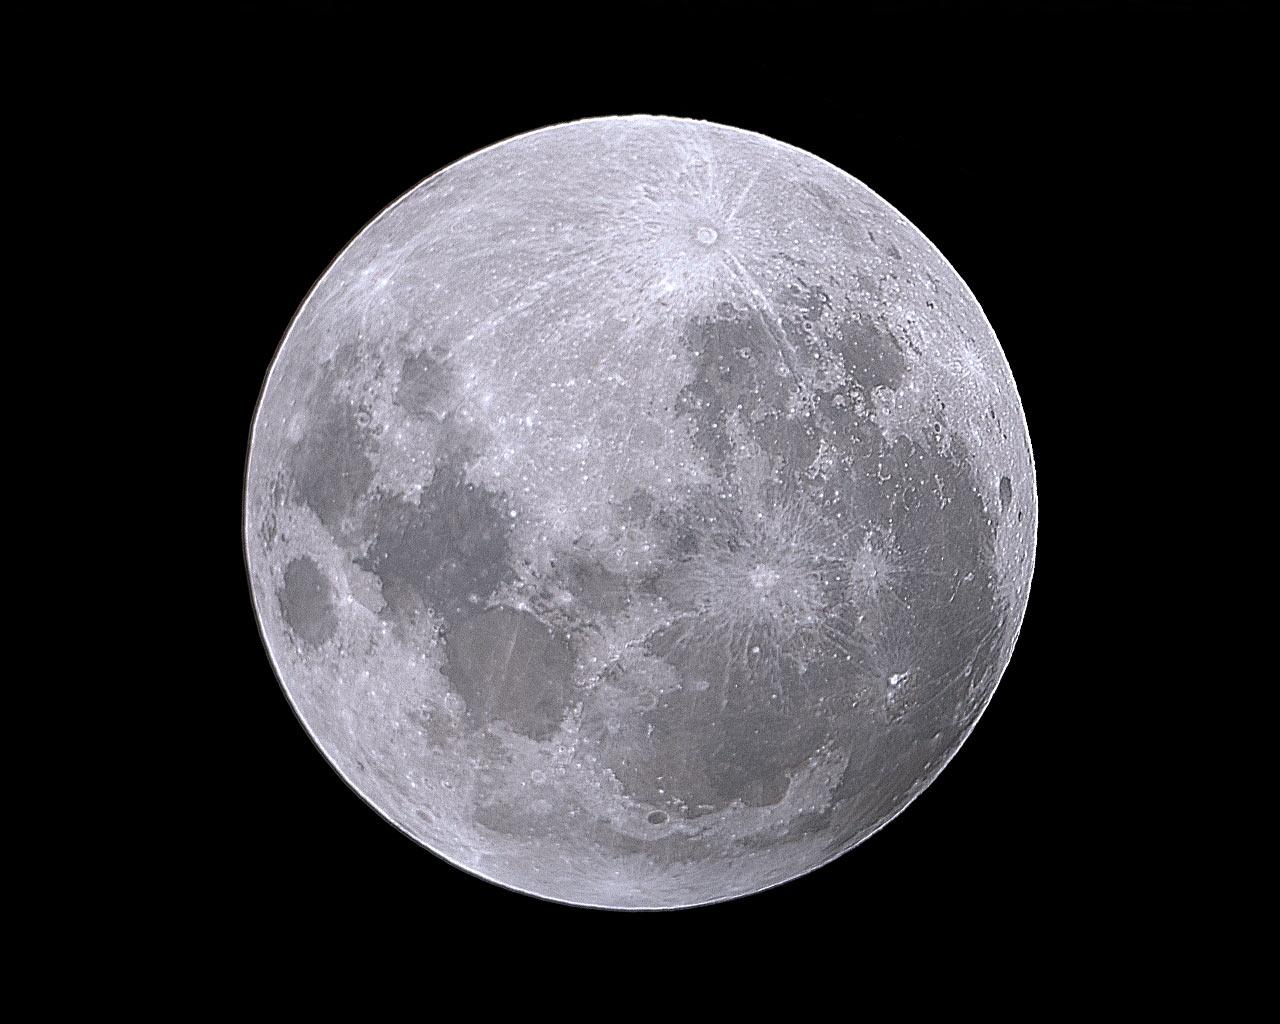 بالصور صور للقمر , احلى الصور لمشهد القمر 4154 4